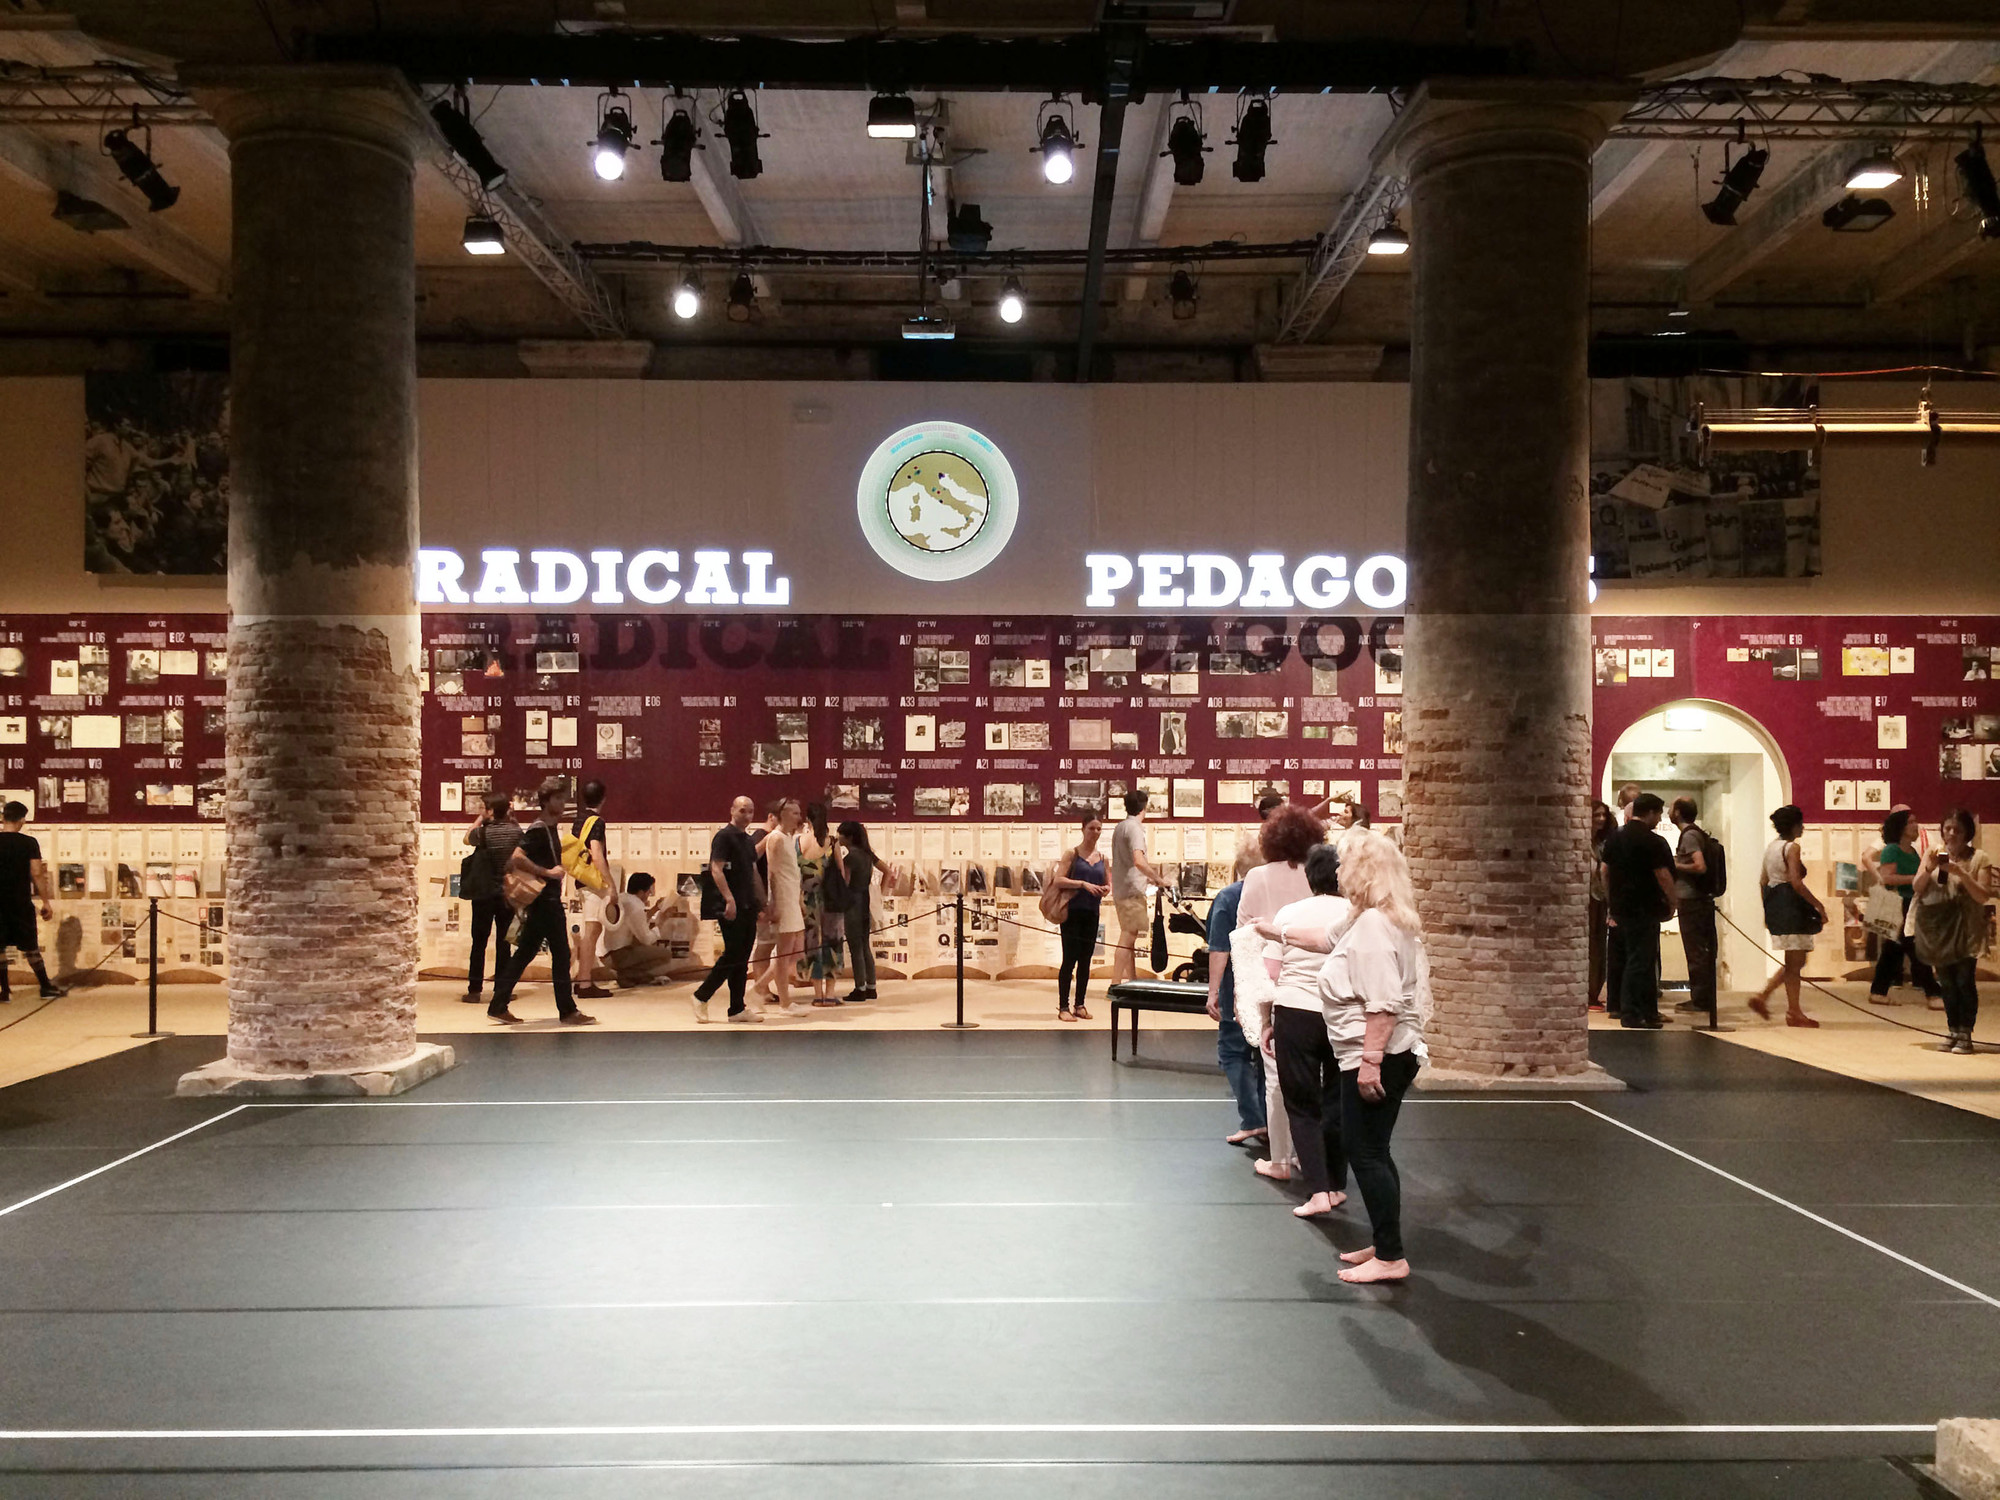 """Bienal de Venecia 2014: """"Radical Pedagogies"""", Diseño de la Exposición por Amunátegui Valdés Arquitectos, Cortesía de Amunátegui Valdés Arquitectos"""